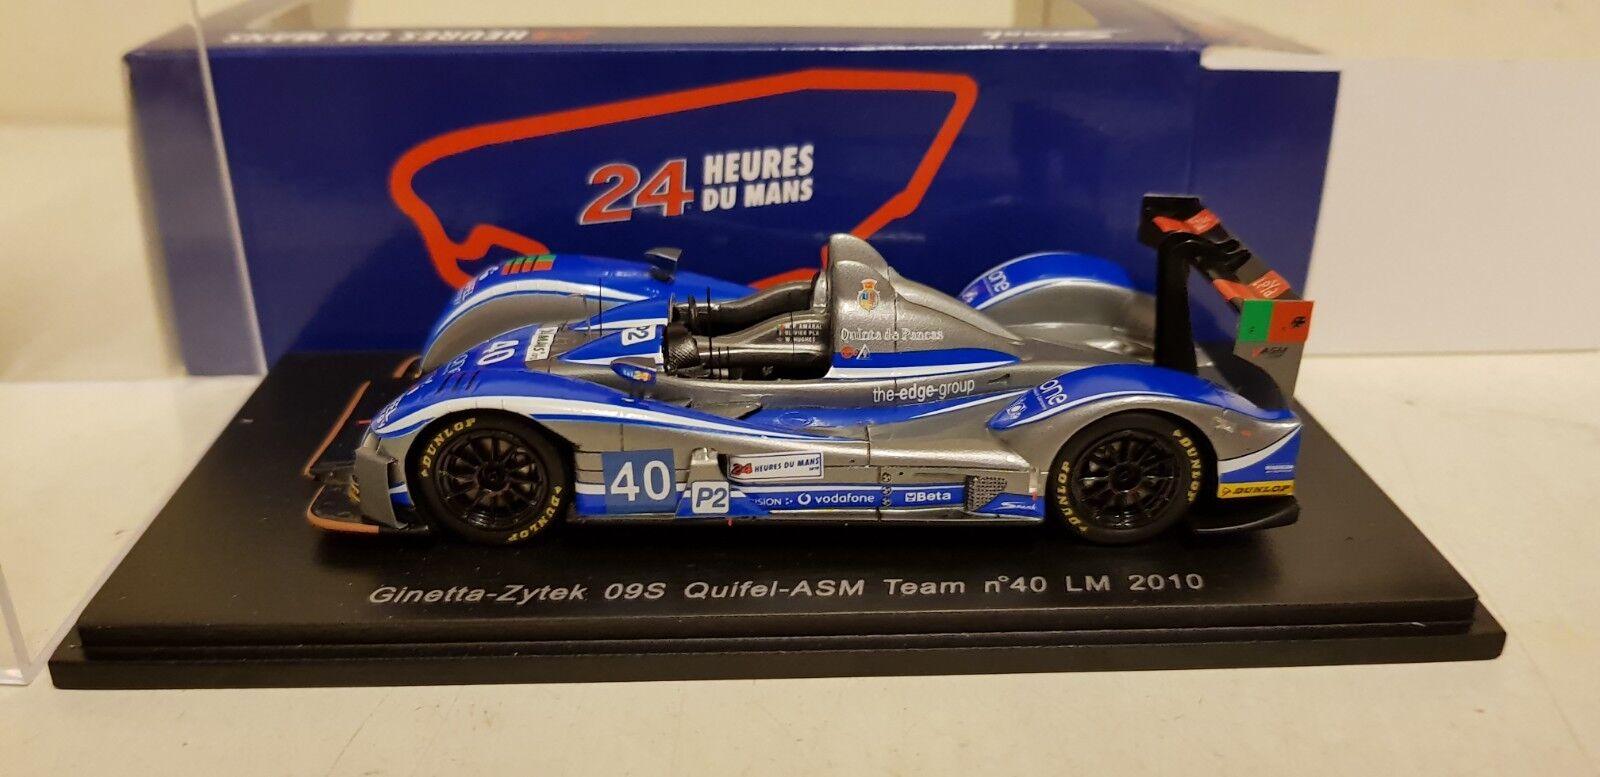 selección larga Spark Ginetta-Zytek 09s Quifel-equipo de ASM no 40 LM LM LM 2010 escala 1 43 S2551  ¡No dudes! ¡Compra ahora!